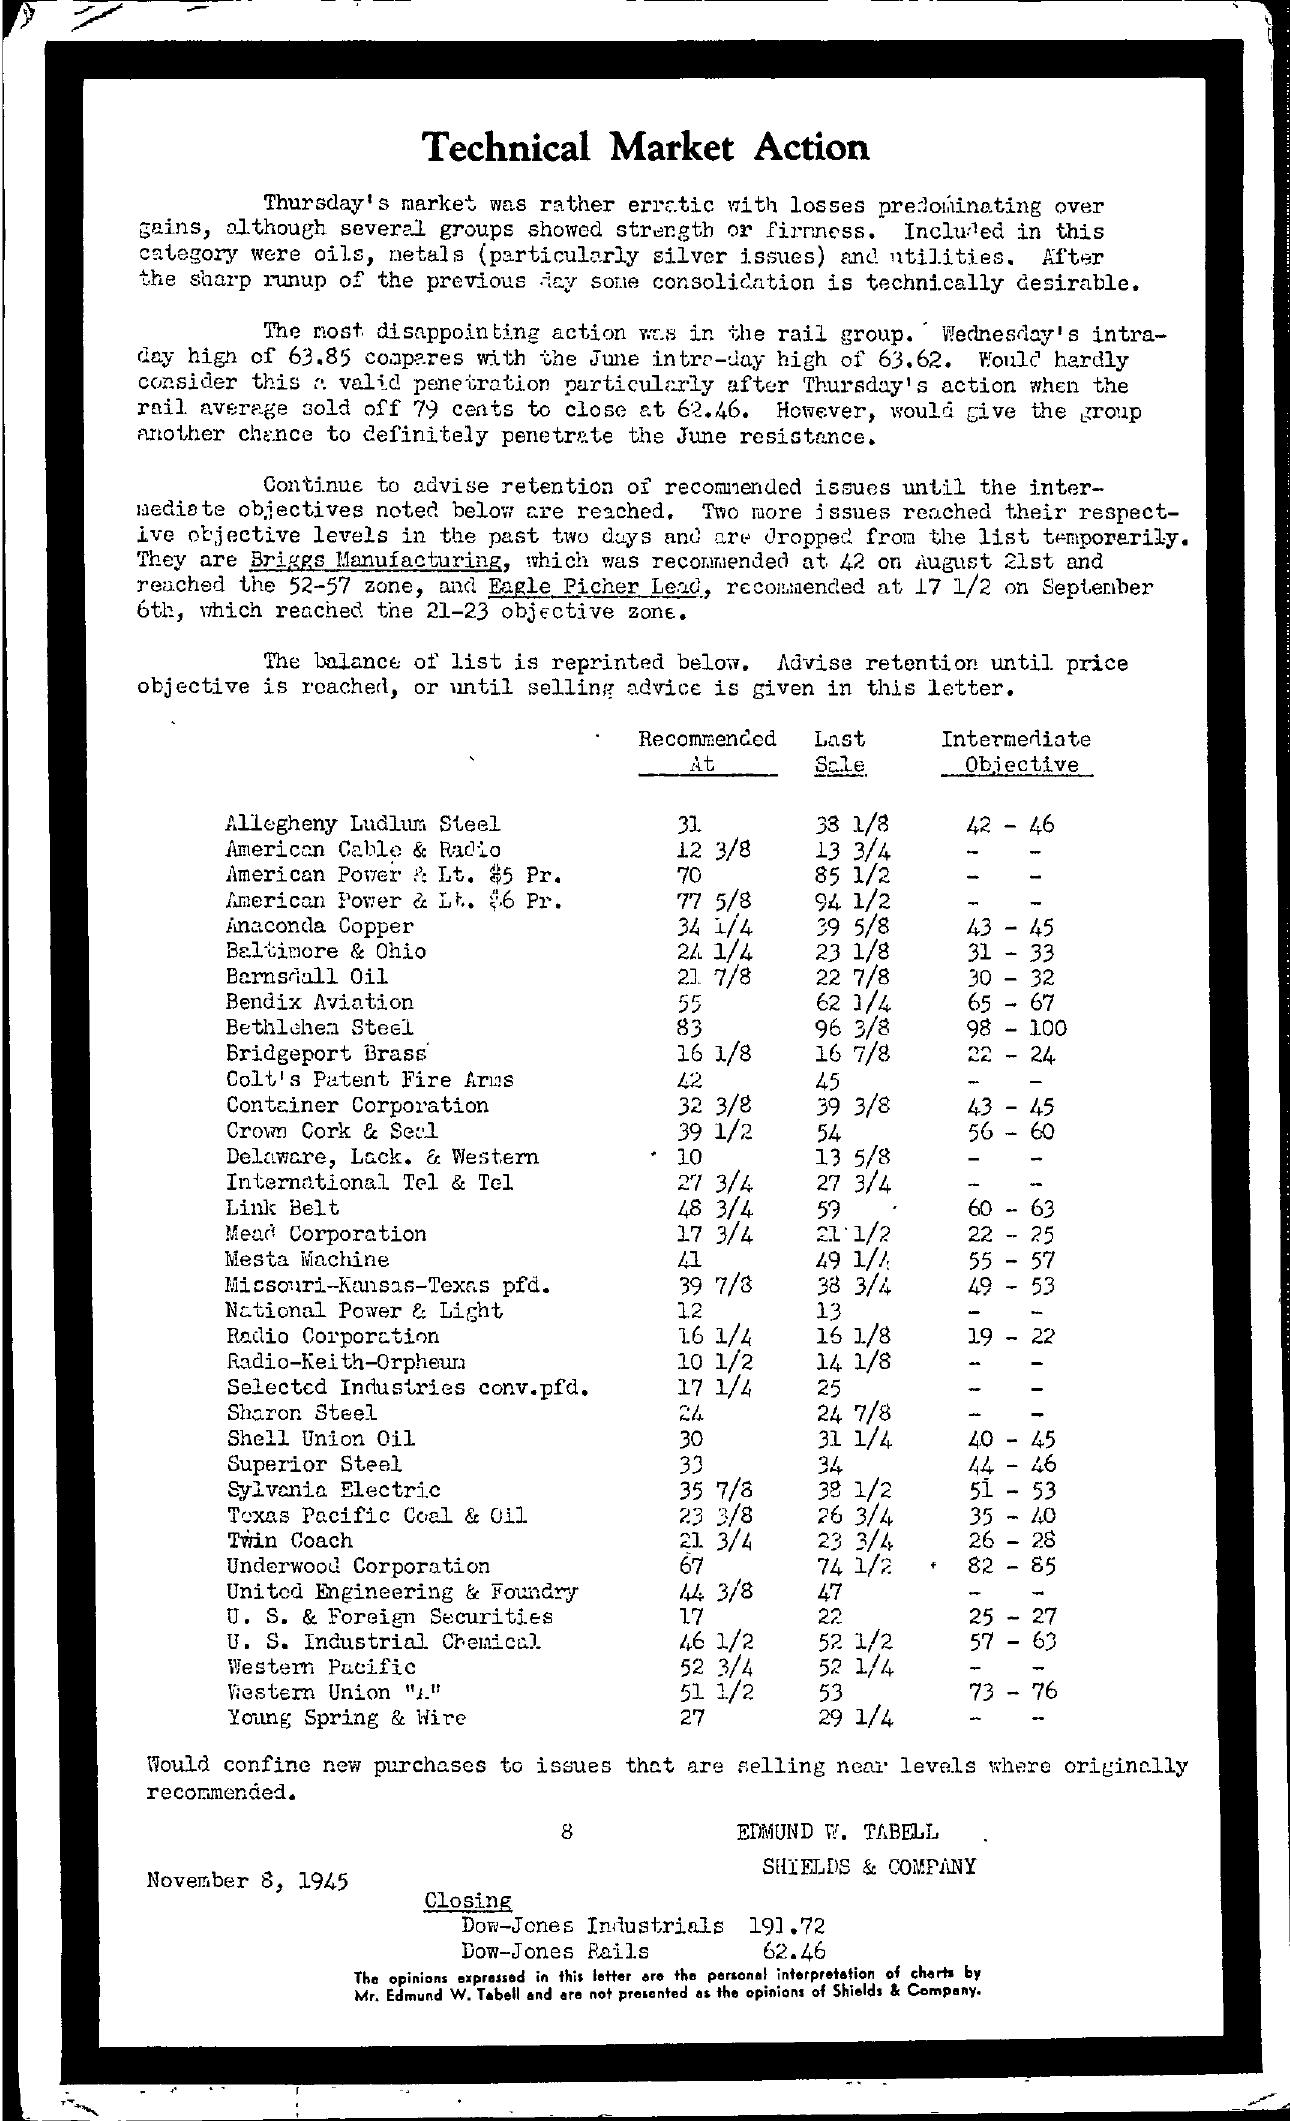 Tabell's Market Letter - November 08, 1945